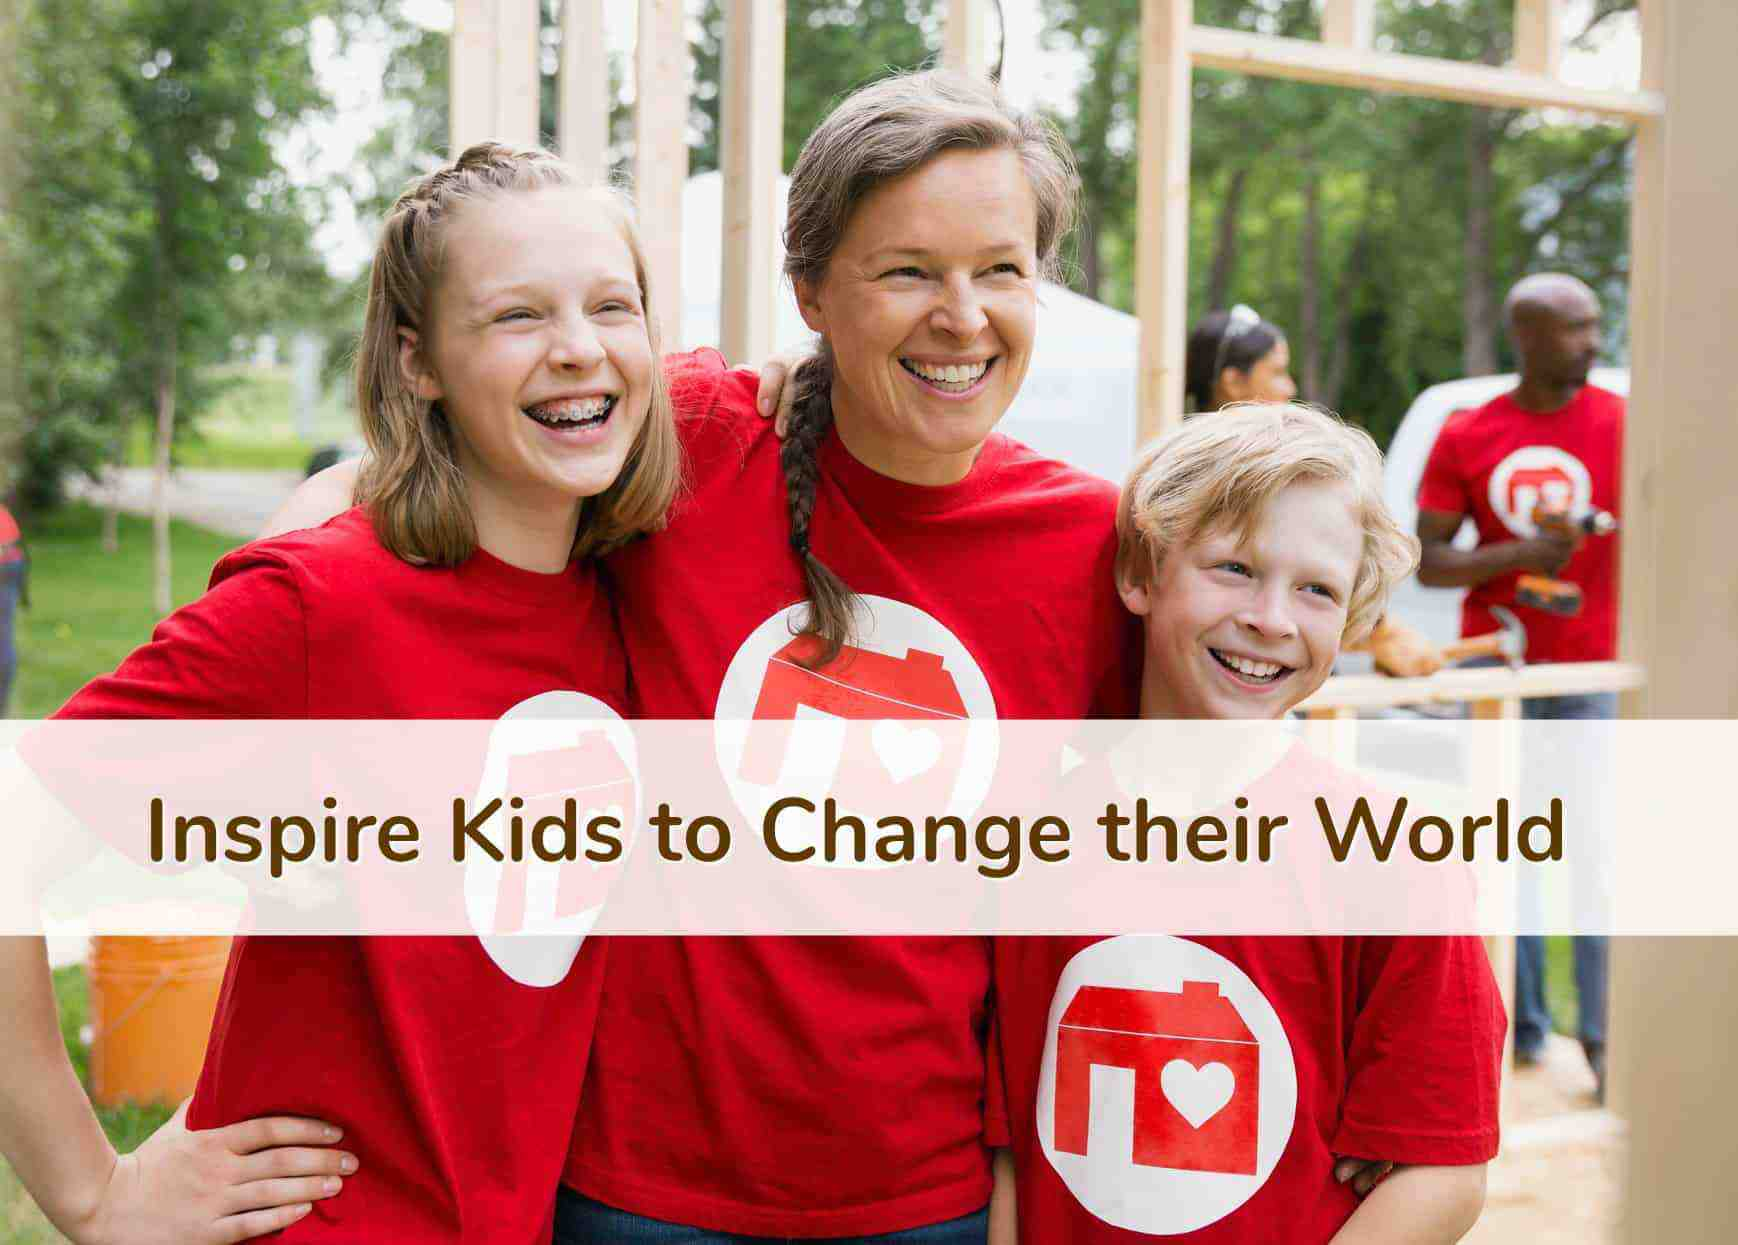 Smiling Mom & 2 kids wearing bright red Volunteer shirts